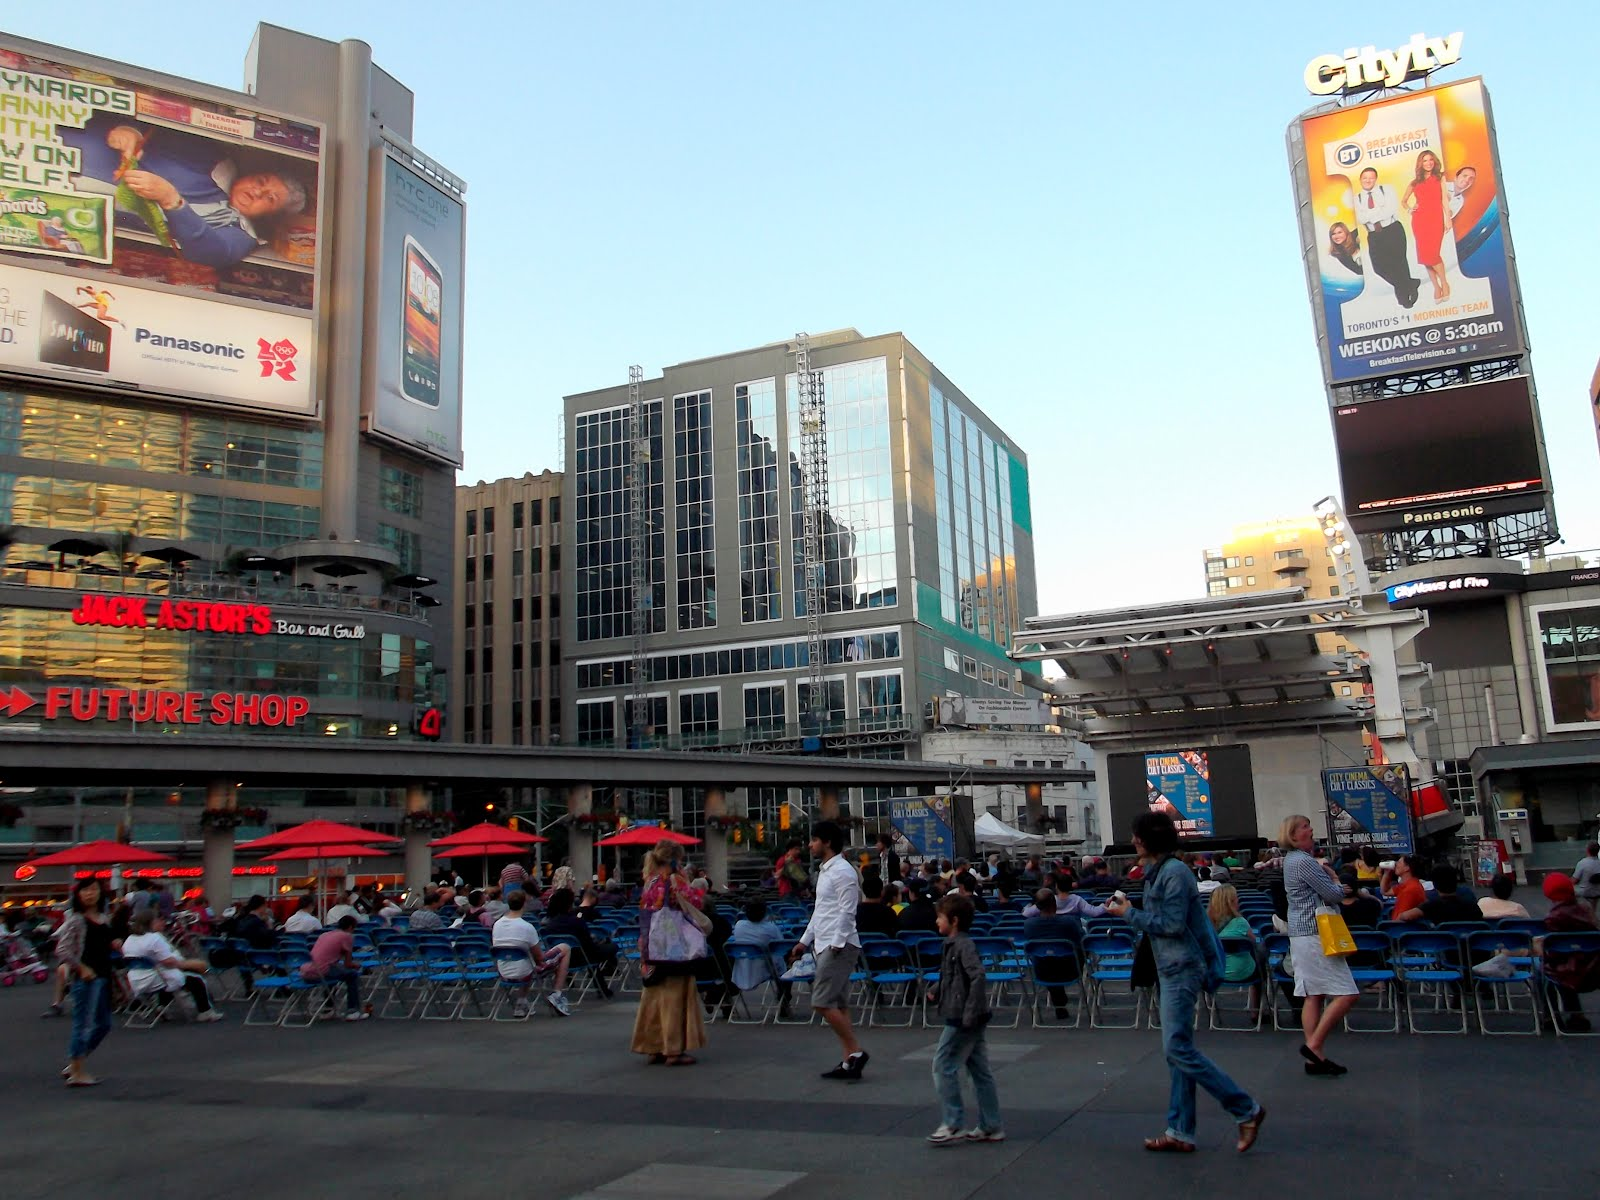 jouljet: Yonge and Dundas Square